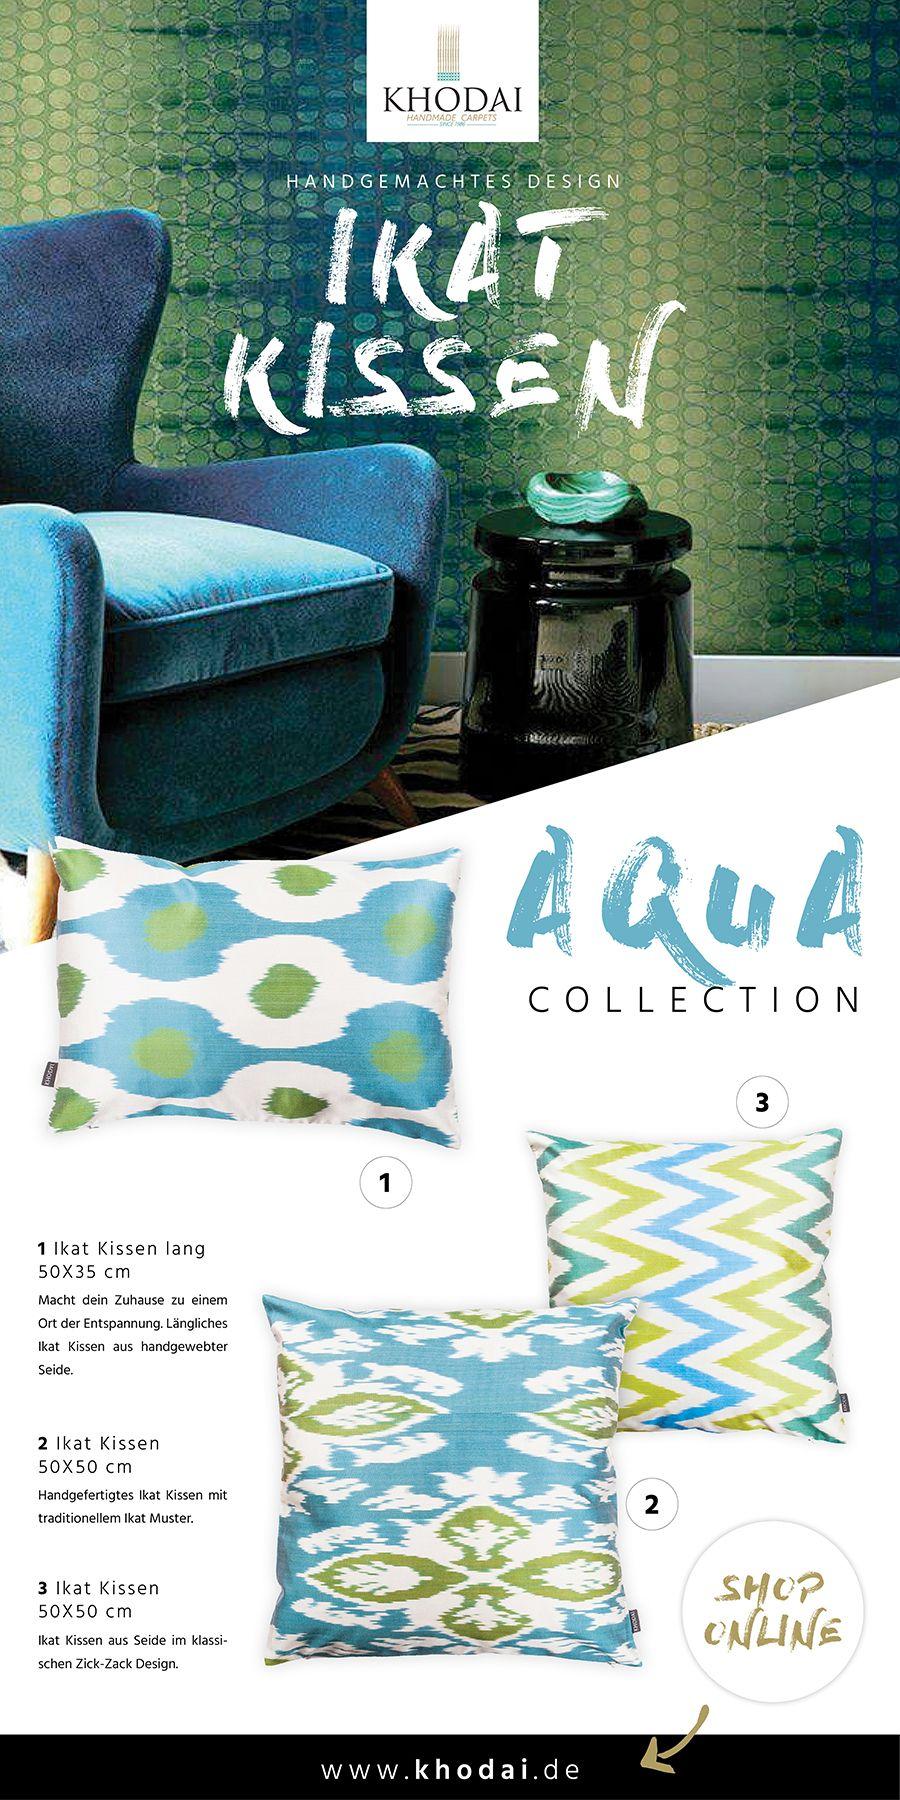 Ikat Kissen Aqua Tone Khodai Handmade Carpets Ikat Kissen Aqua